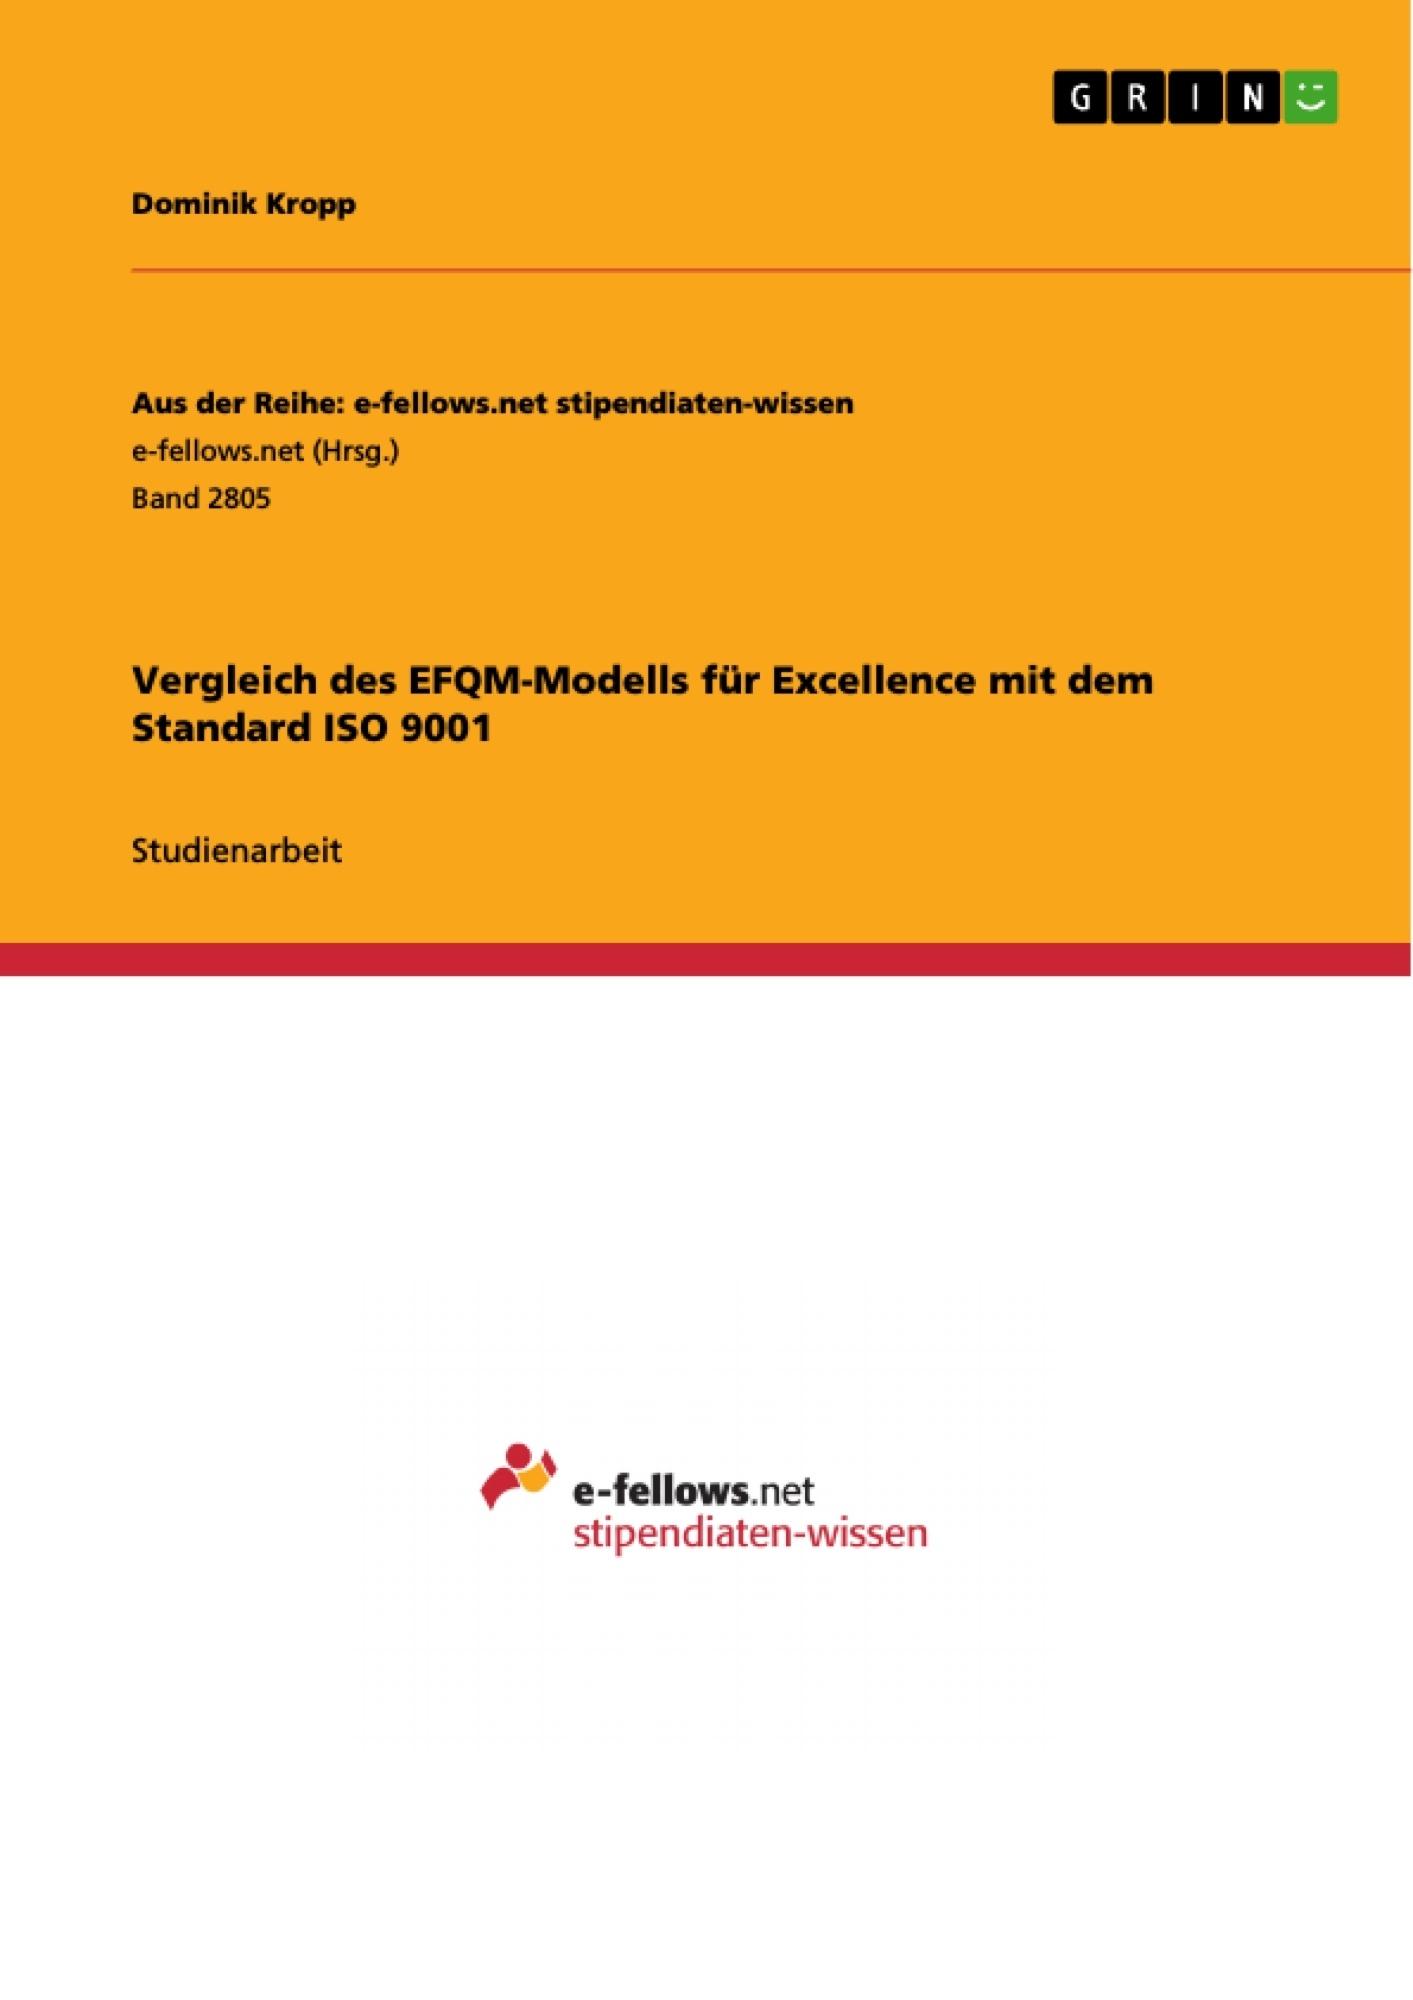 Titel: Vergleich des EFQM-Modells für Excellence mit dem Standard ISO 9001